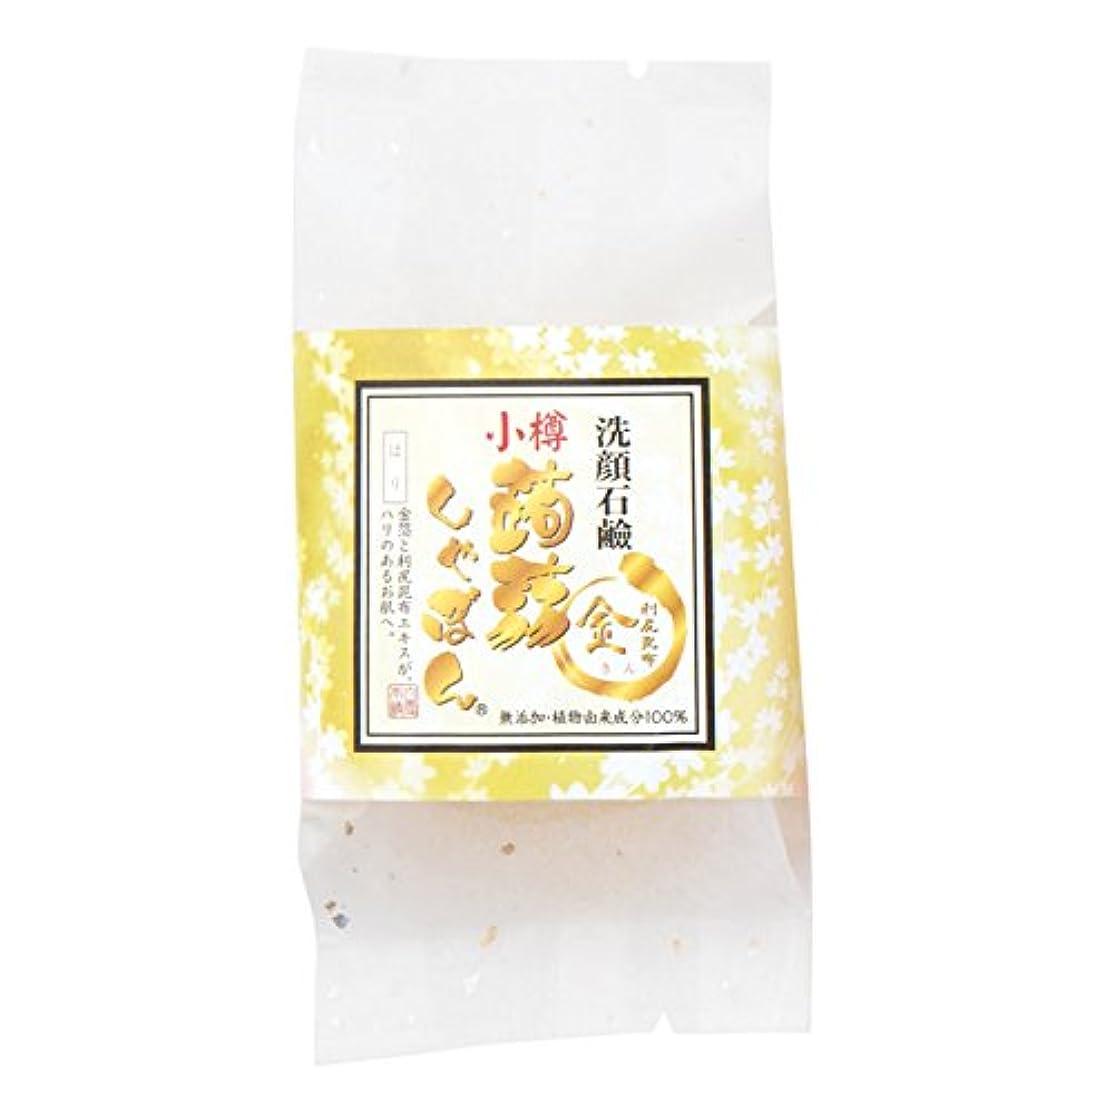 塊優雅なドック小樽蒟蒻しゃぼん小樽 利尻昆布?金(りしりこんぶ?きん)